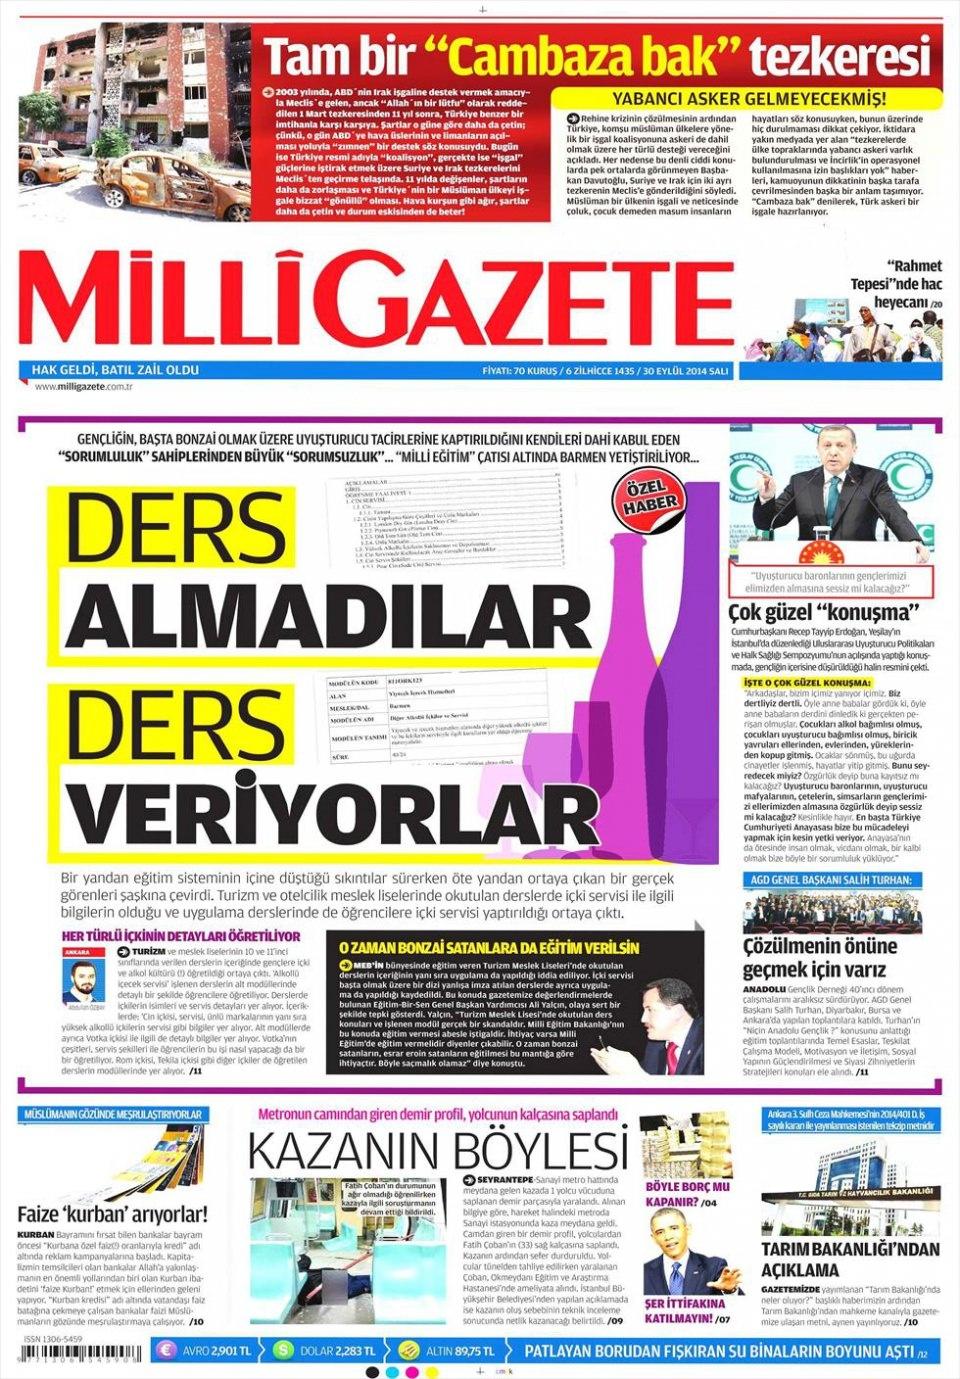 30 Eylül 2014 gazete manşetleri 12